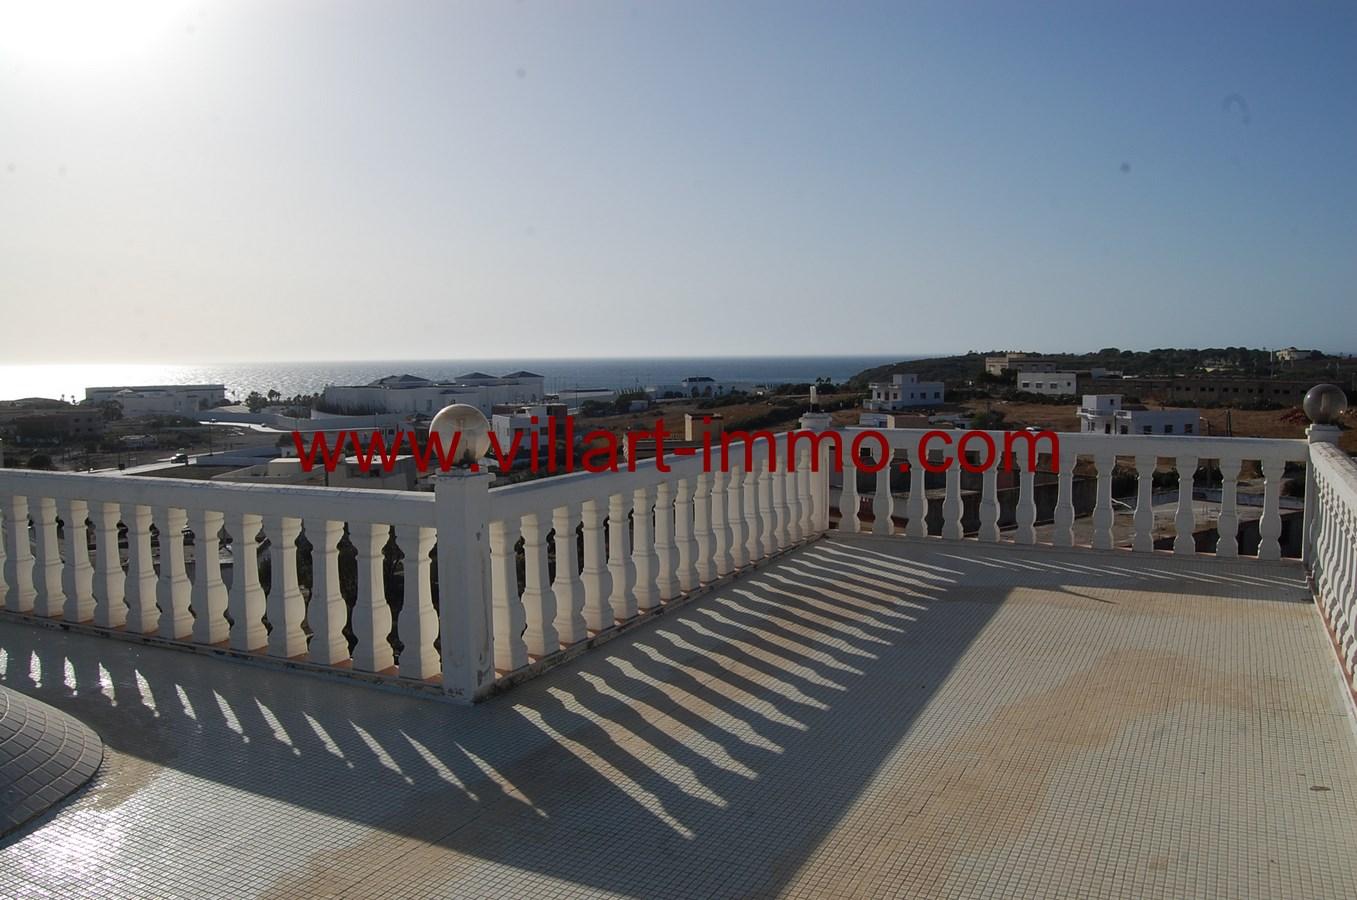 11-vente-maison-tanger-jbilat-terrasse-3-vm408-villart-immo